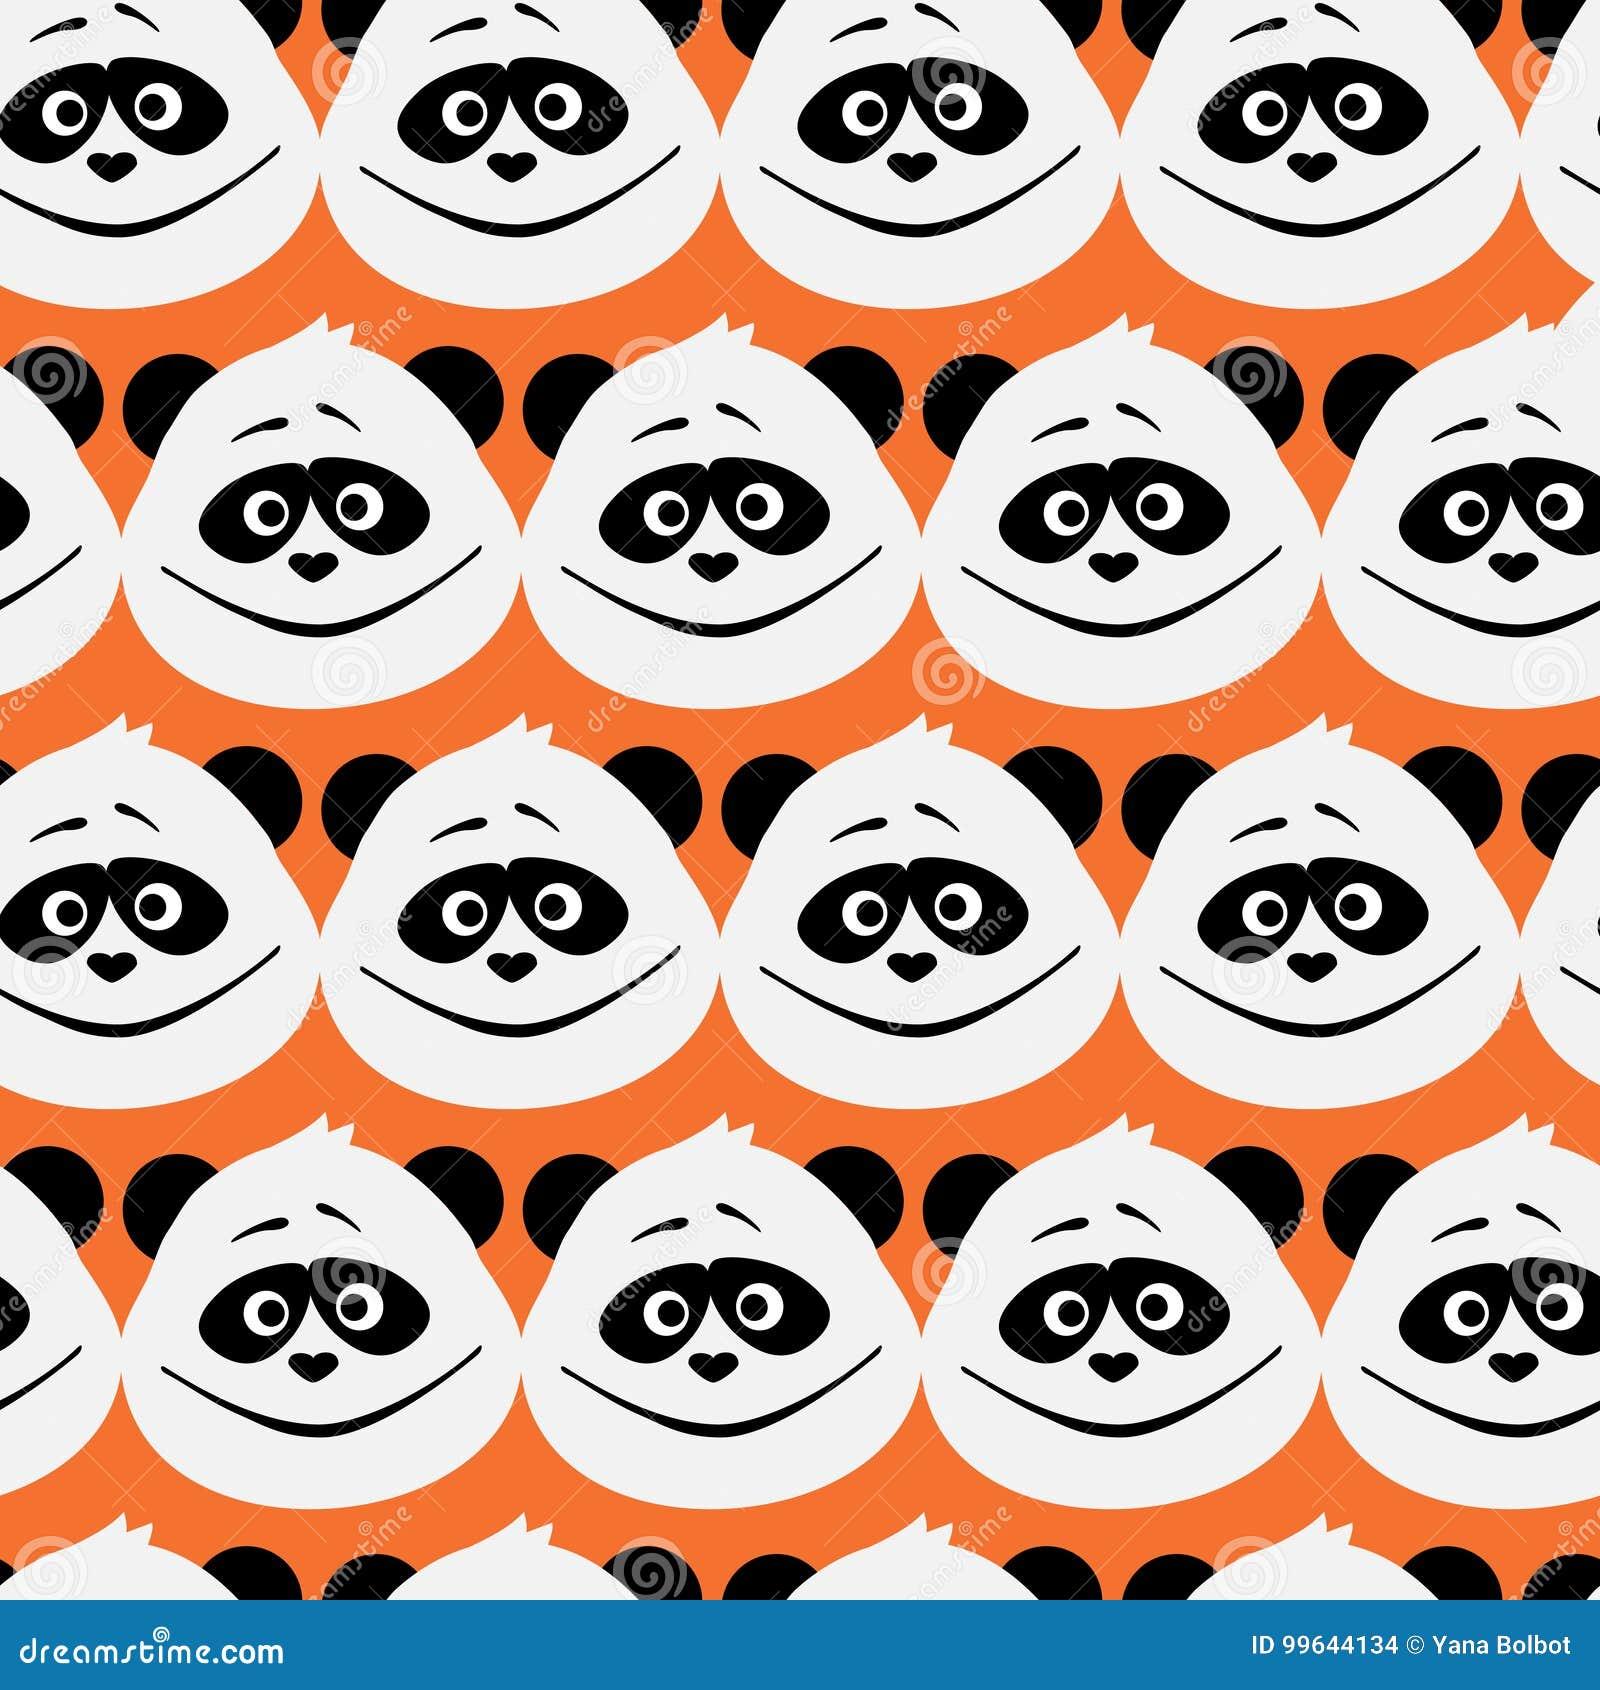 Cute Panda Face Seamless Cartoon Wallpaper Stock Vector